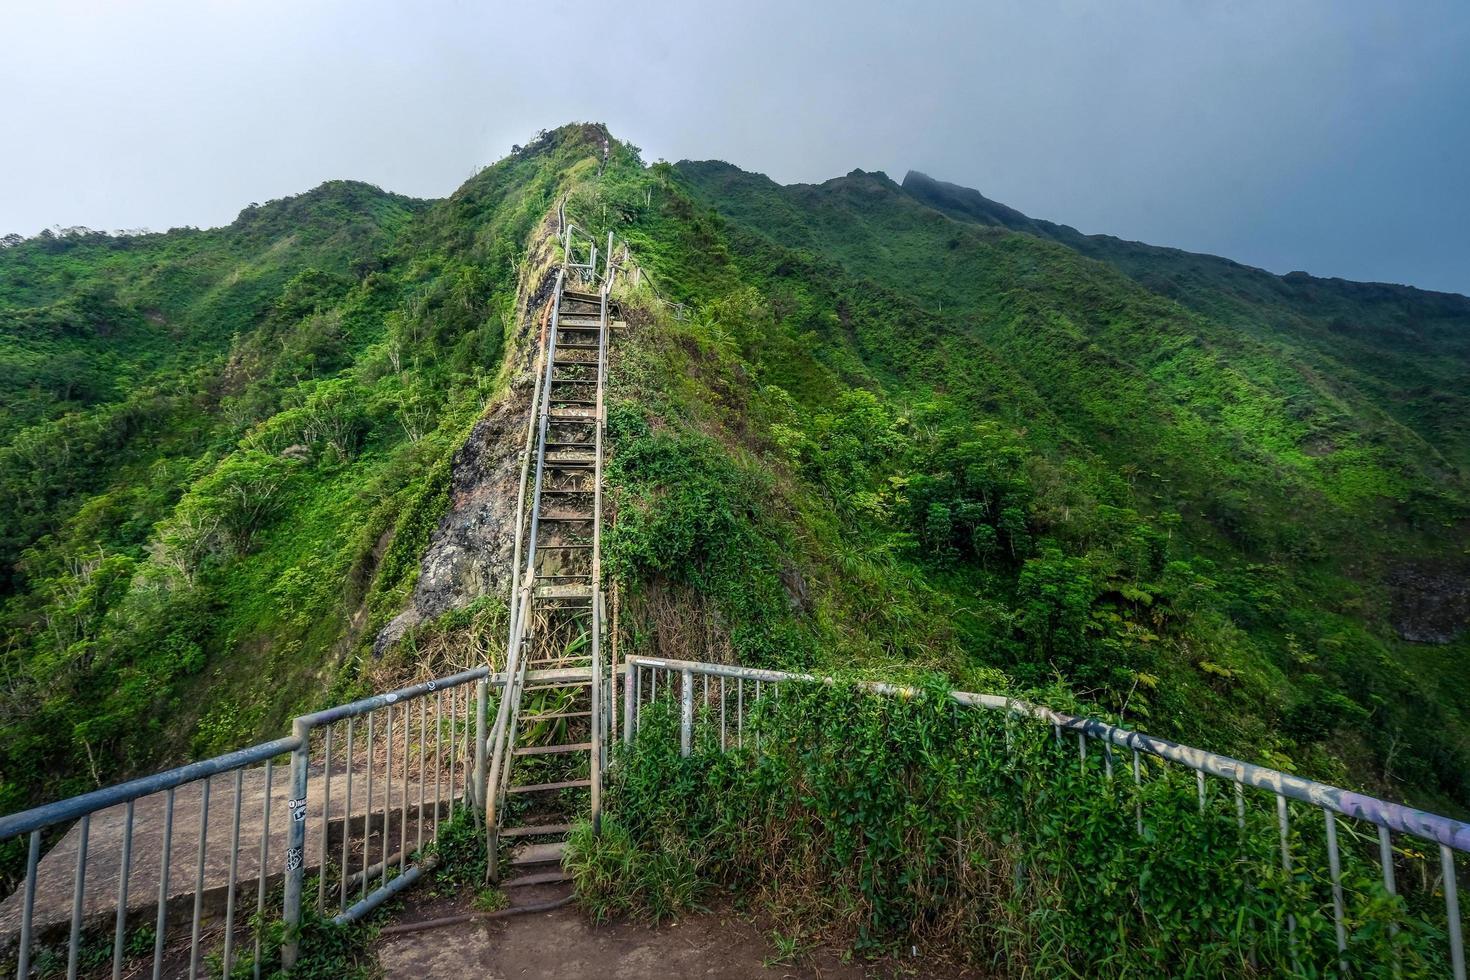 longa escada de madeira indo para o pico da montanha foto